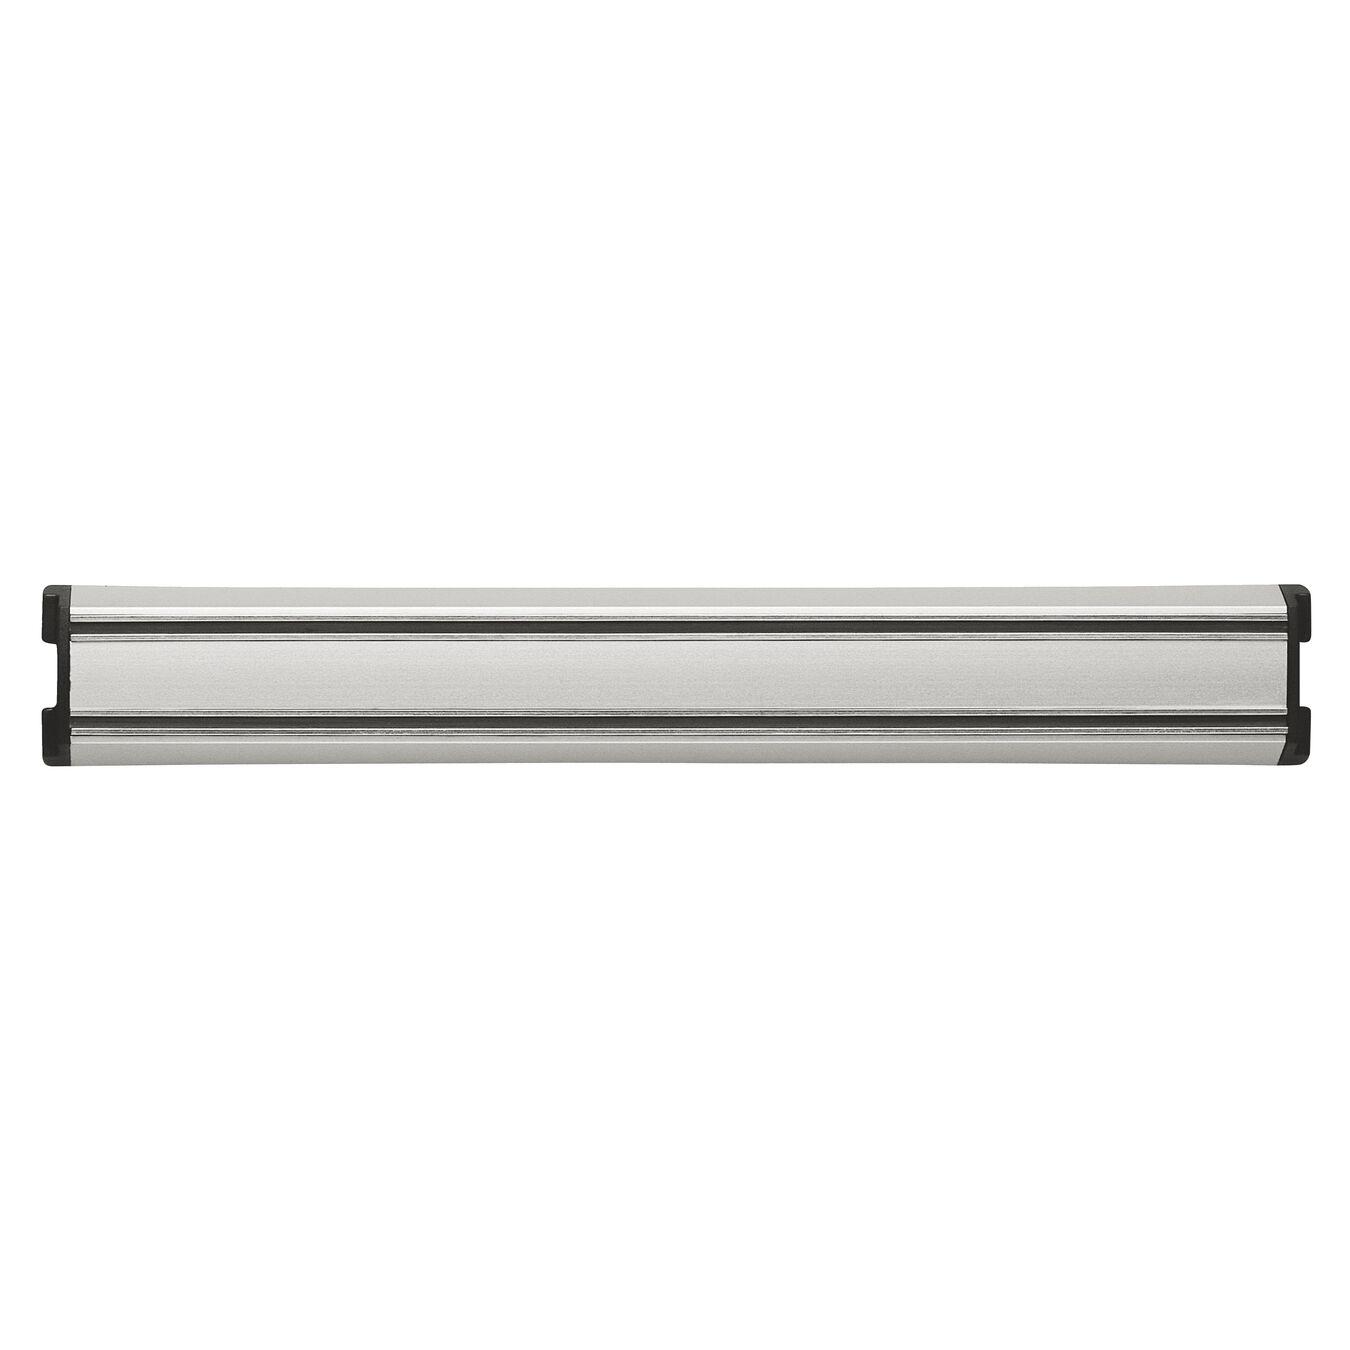 Barre aimantée pour couteaux 30 cm, Aluminum,,large 1